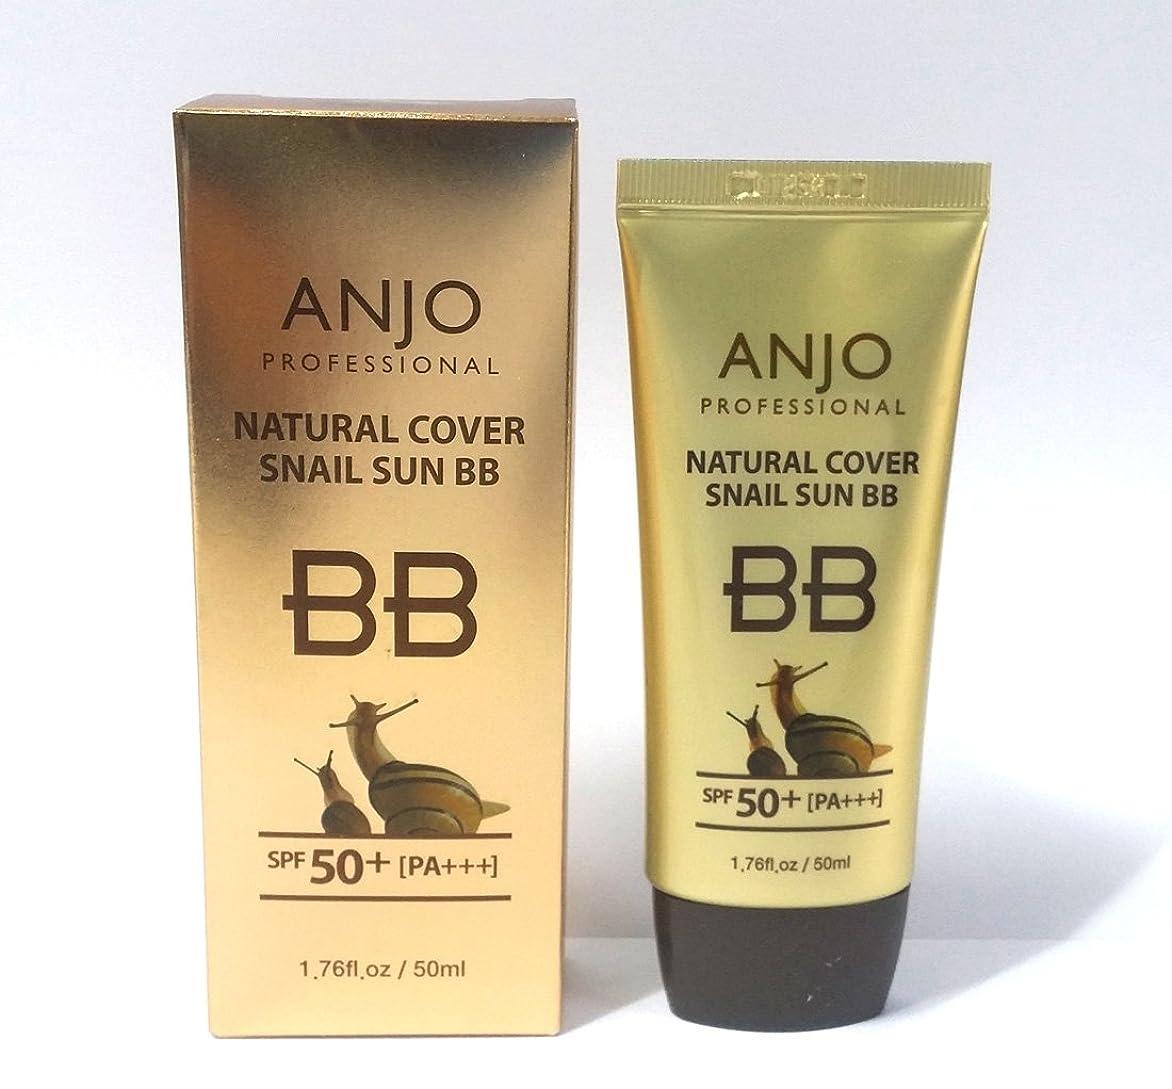 気づかない増幅する三角[ANJO] ナチュラルカバーカタツムリサンBBクリームSPF 50 + PA +++ 50ml X 3EA /メイクアップベース/カタツムリ粘液 / Natural Cover Snail Sun BB Cream SPF 50+PA+++ 50ml X 3EA / Makeup Base / Snail Mucus / 韓国化粧品 / Korean Cosmetics [並行輸入品]